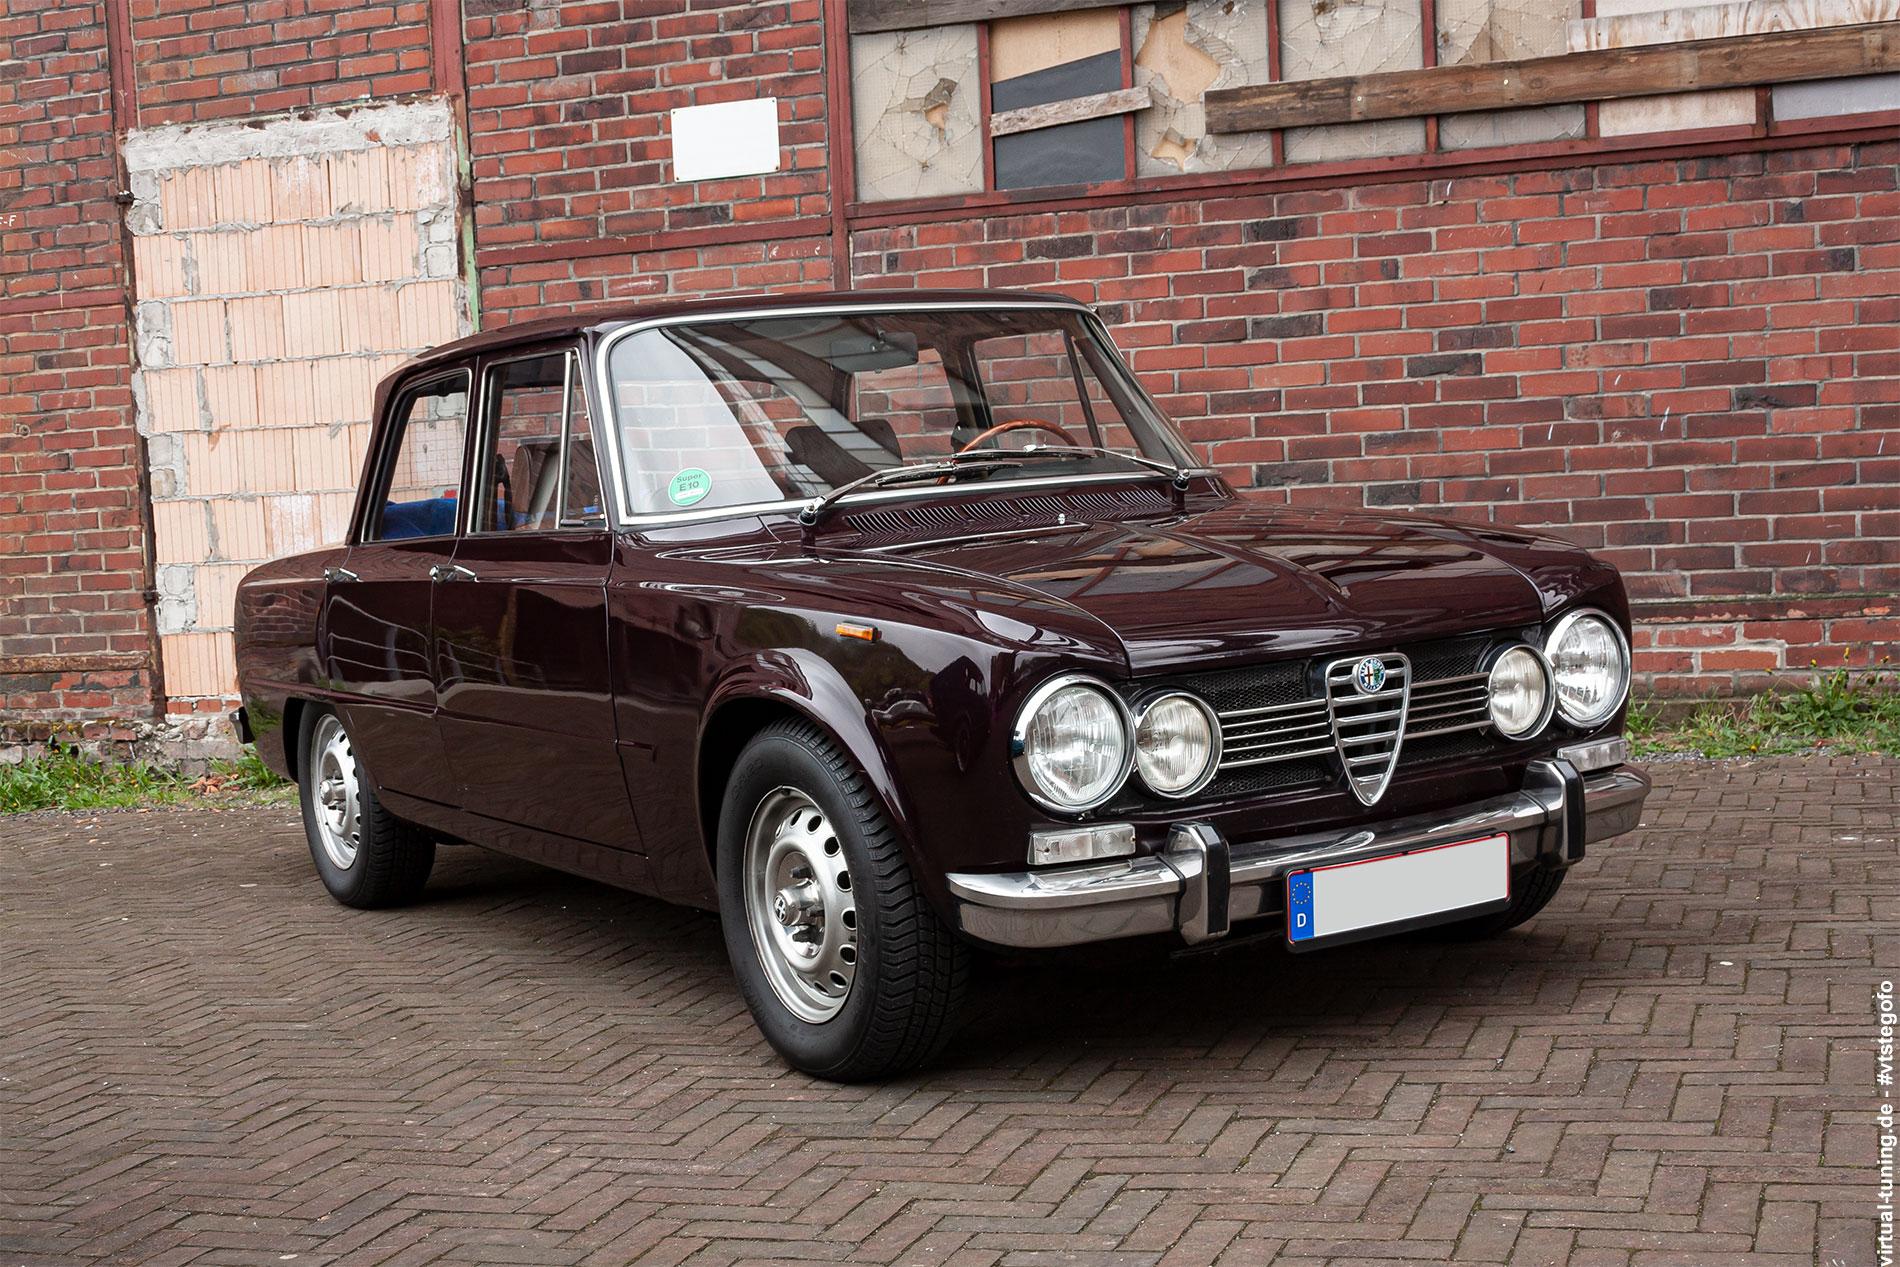 Alfa Romeo Giulia - Youngtimer Show in Herten (05.2012)